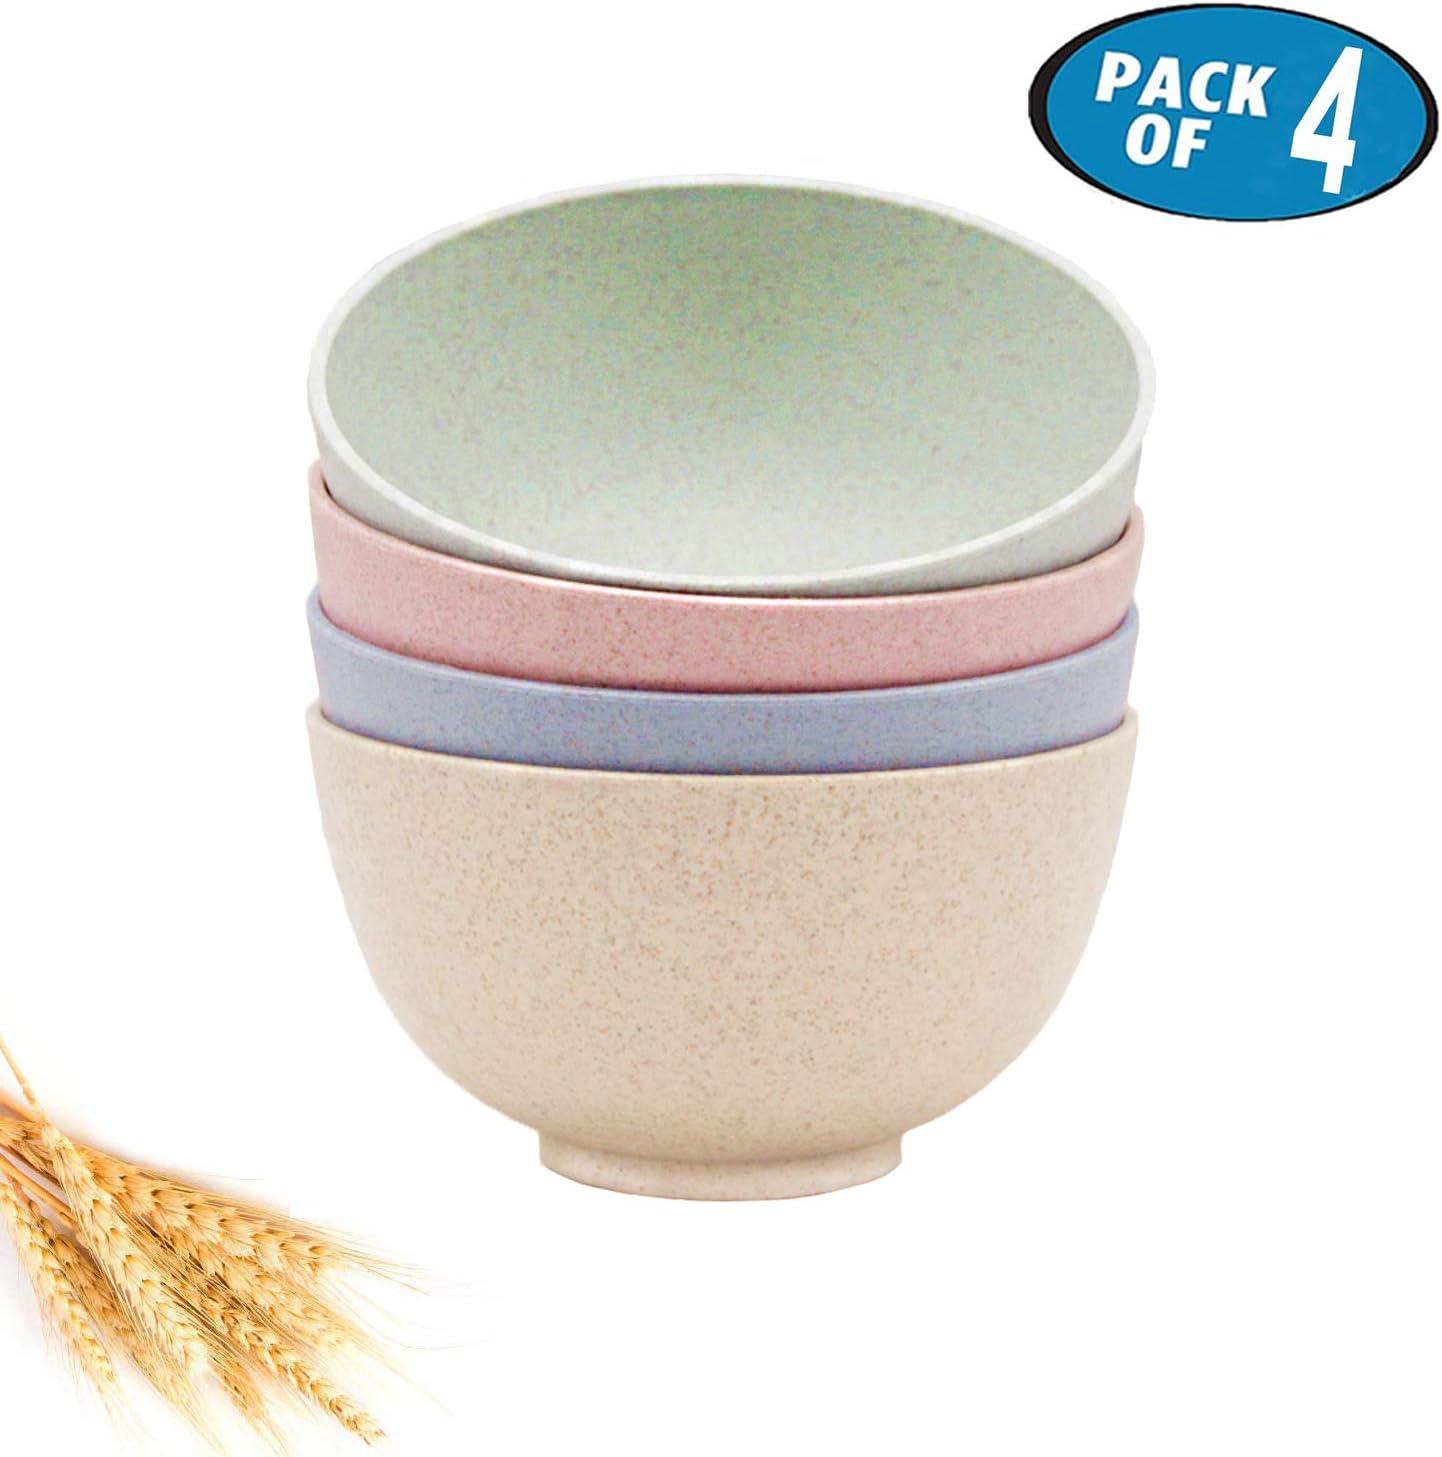 4 Pcs Unbreakable Cereal Bowls Set, Dishwasher & Microwave Safe, 24 OZ Wheat Straw Fiber Lightweight Bowl for Cereal, Salad, Soup, Noodle